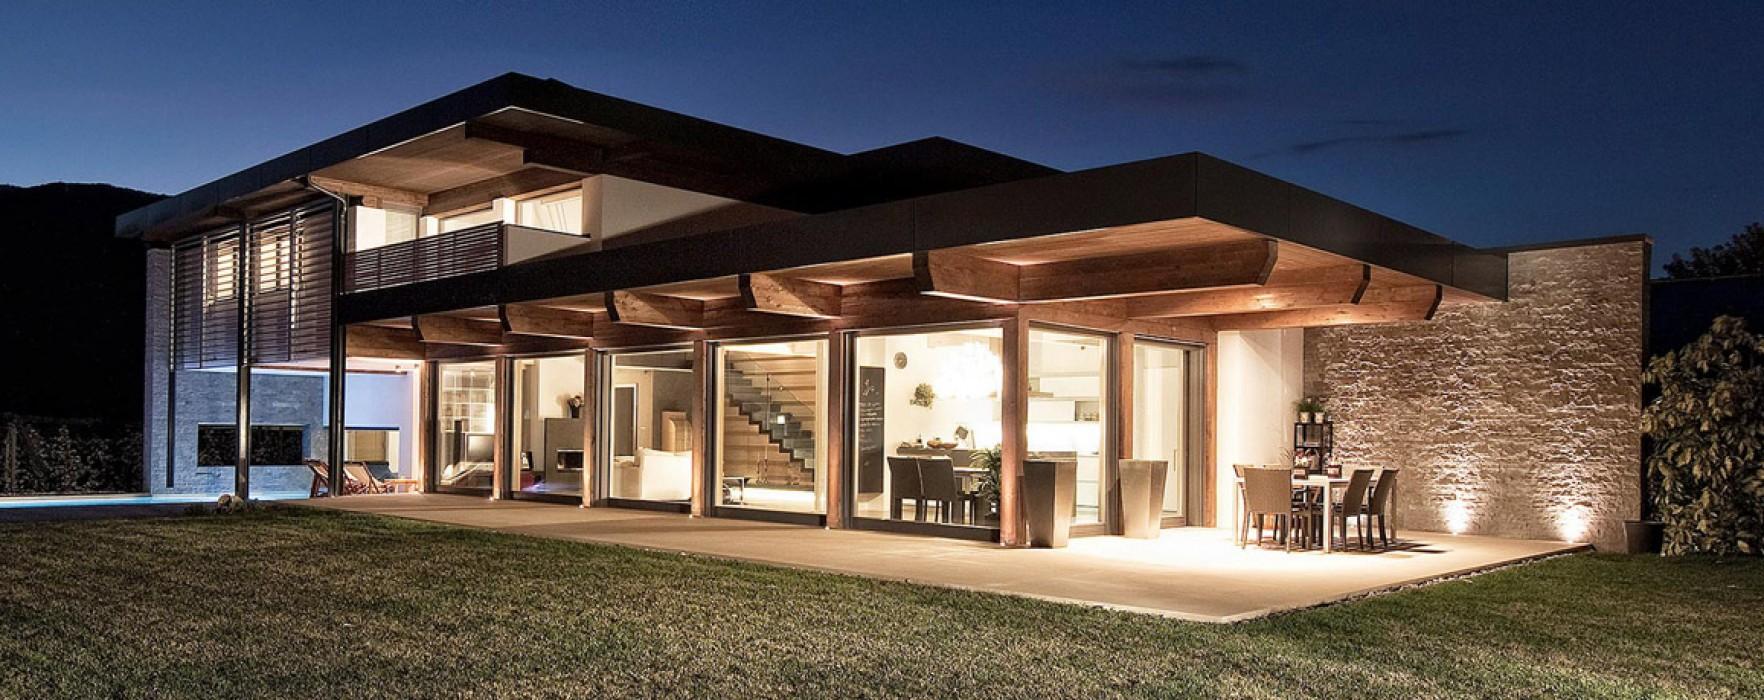 Case prefabbricate a struttura struttura mista for Costruzioni case moderne